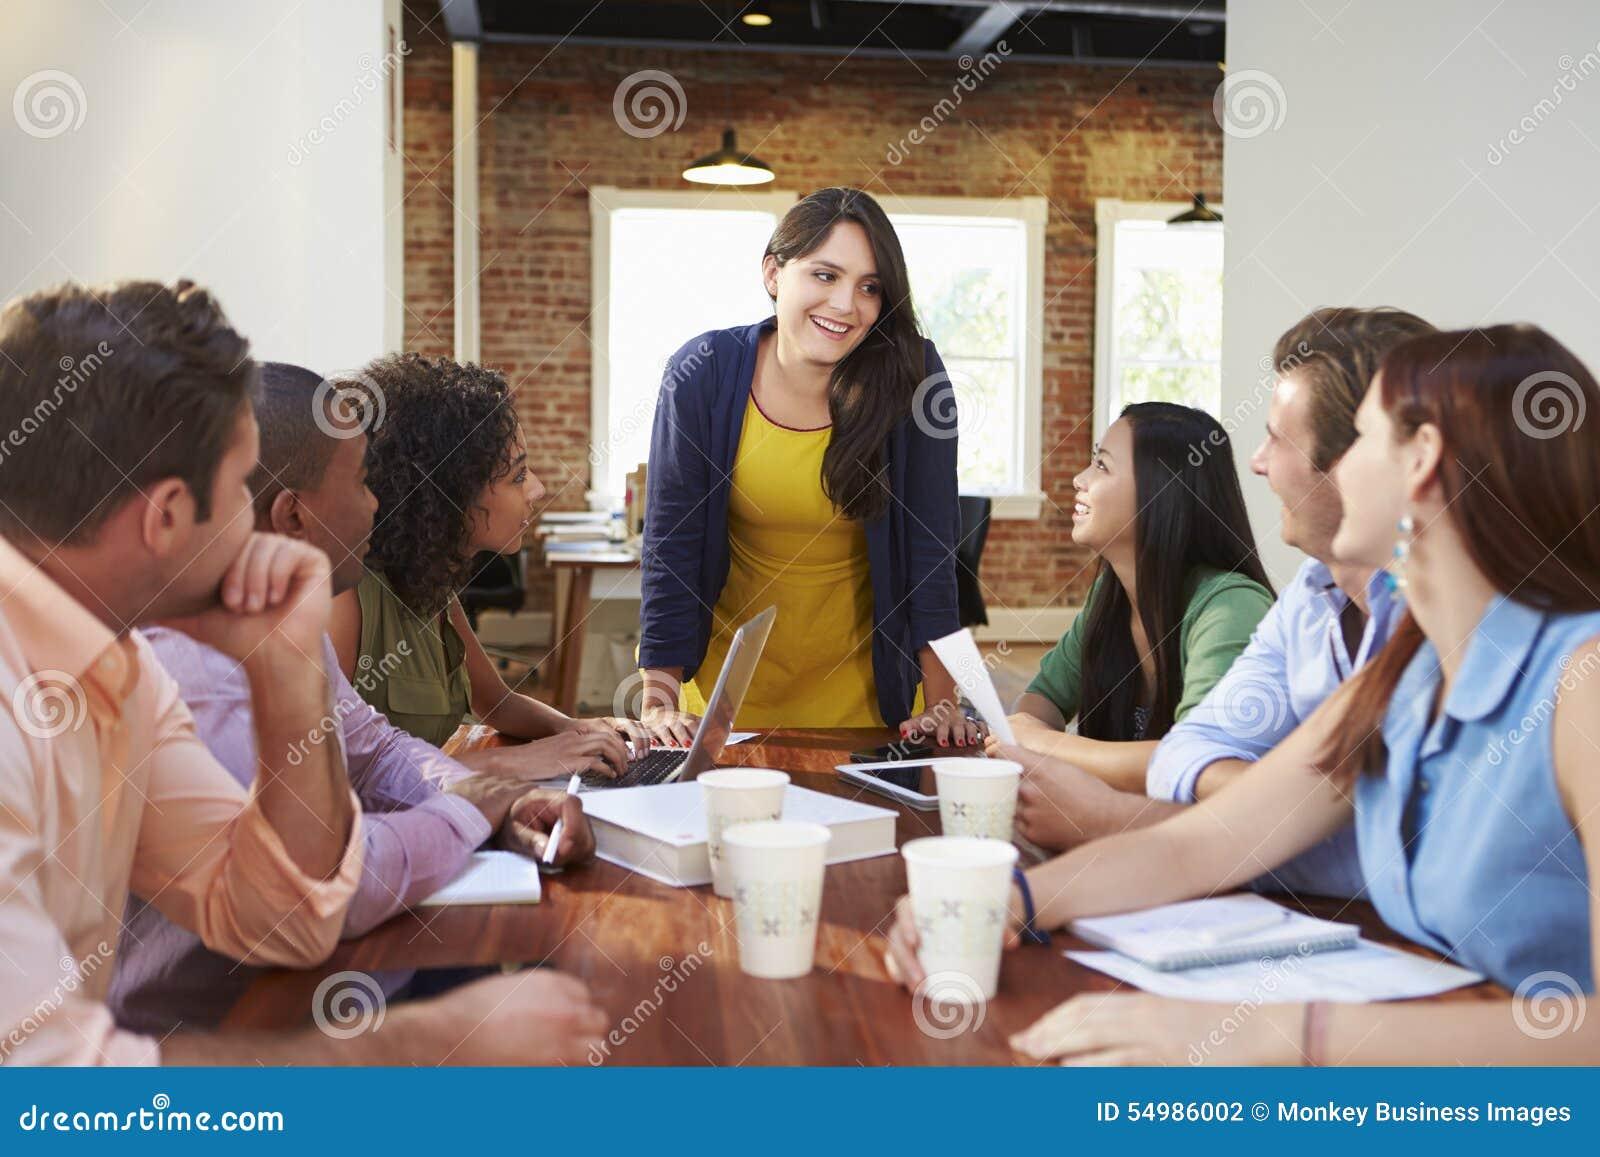 Capo femminile Addressing Office Workers alla riunione